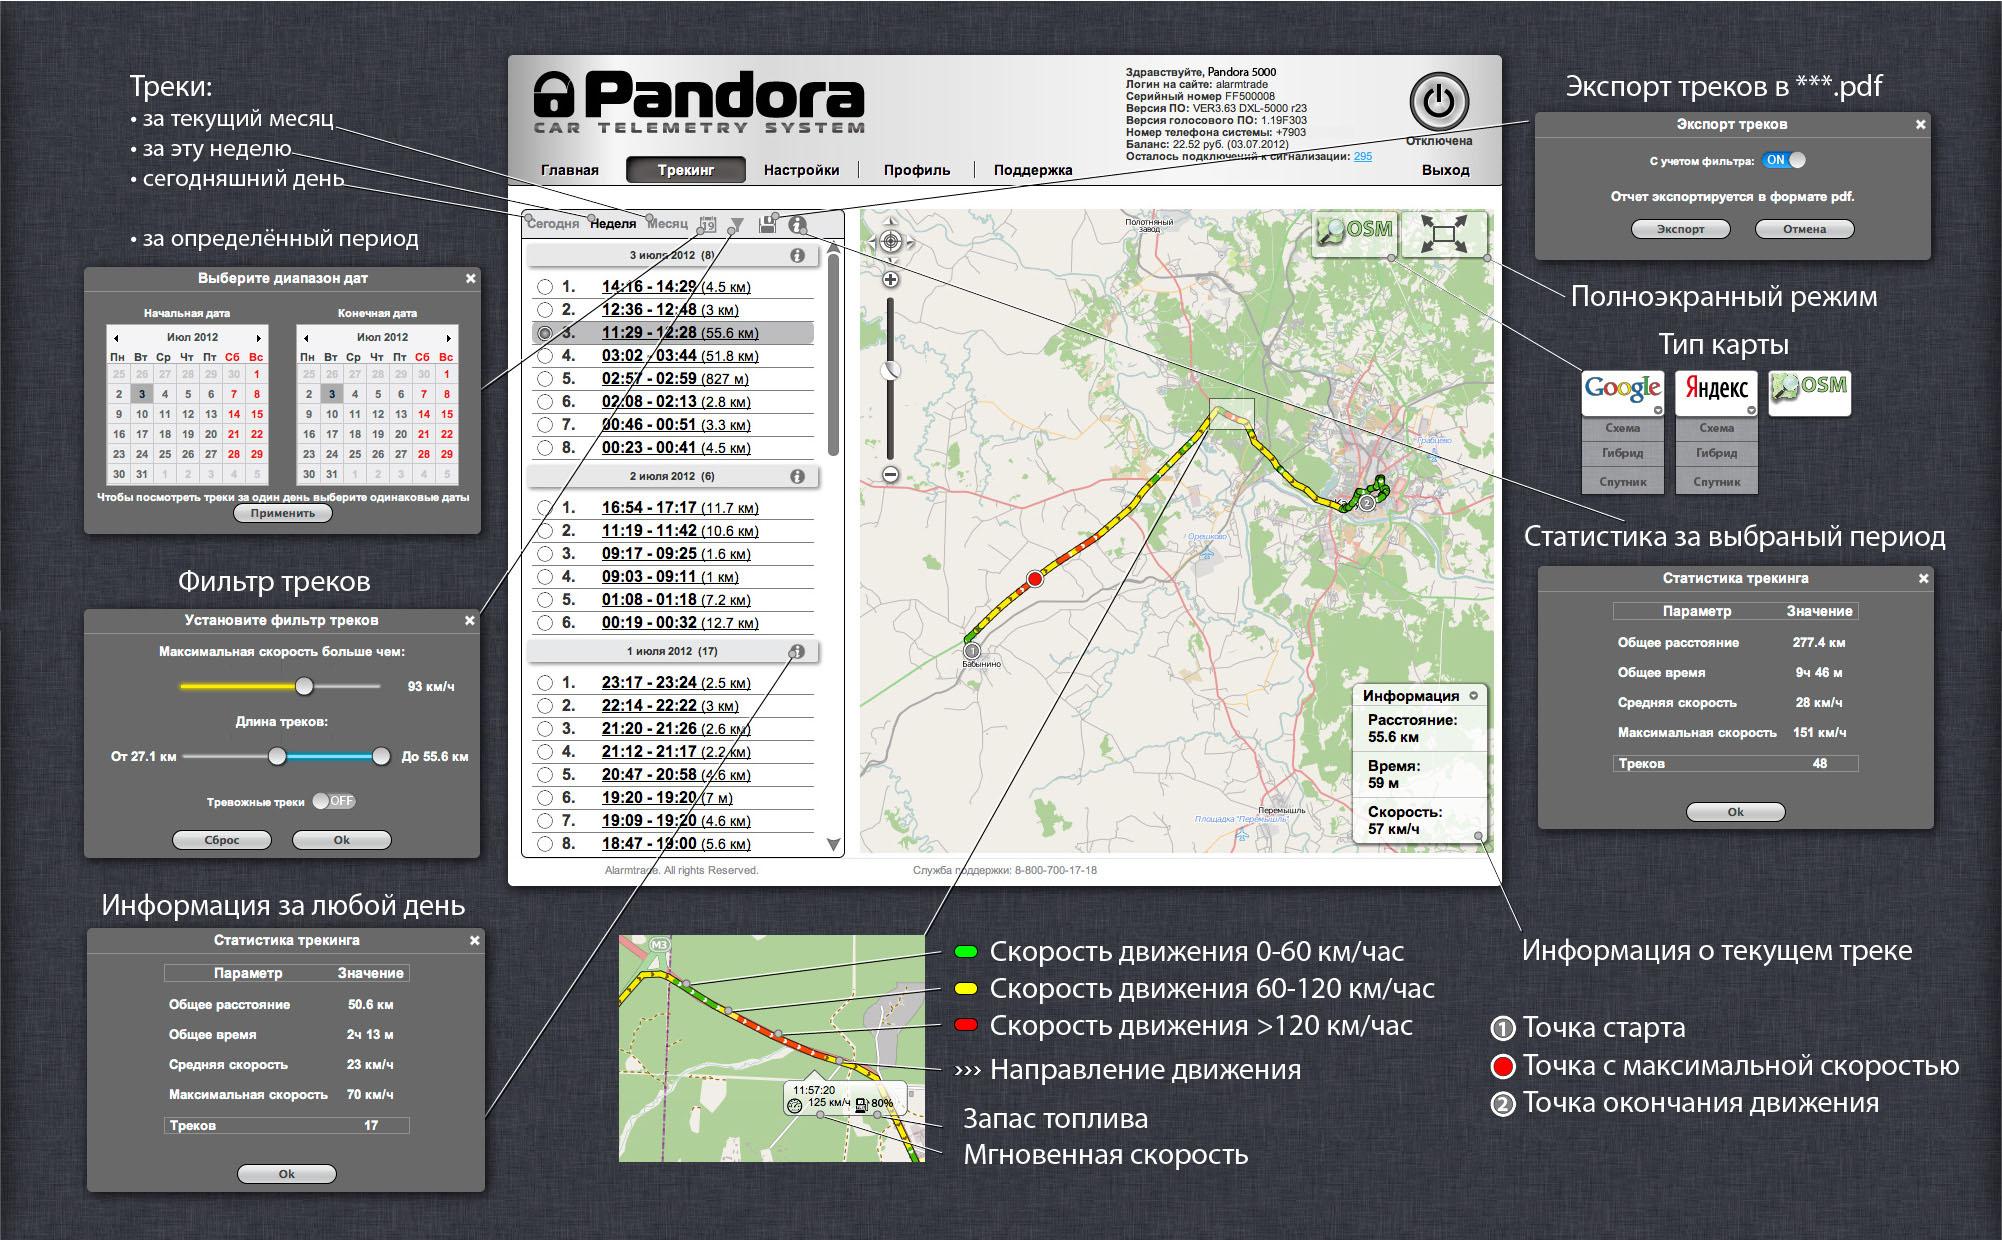 Сигнализация пандора не показывает местоположение автомобиля